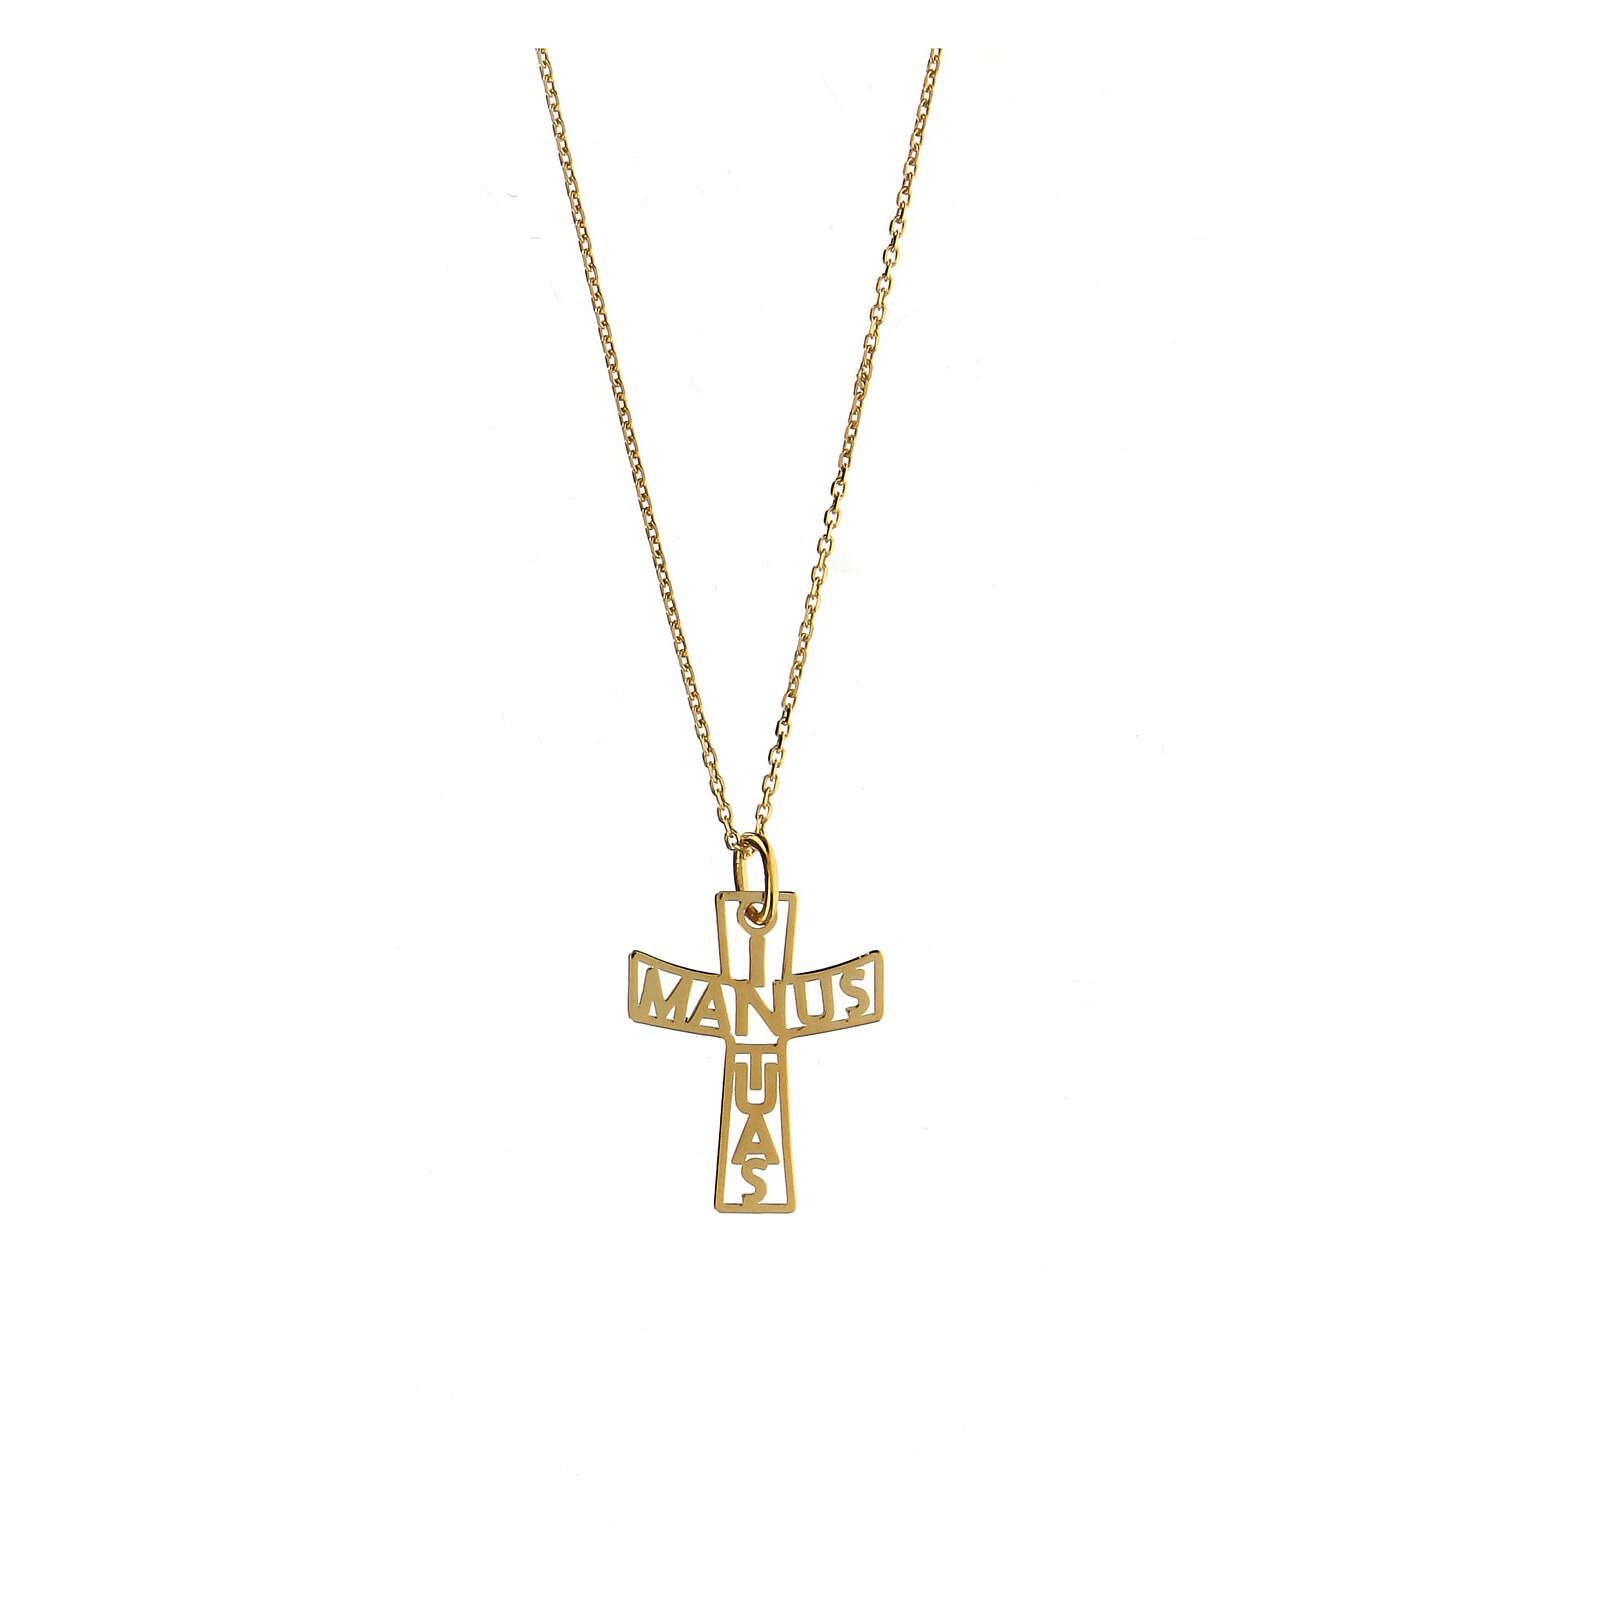 Cruz plata dorada 925 In Manus Tuas 4